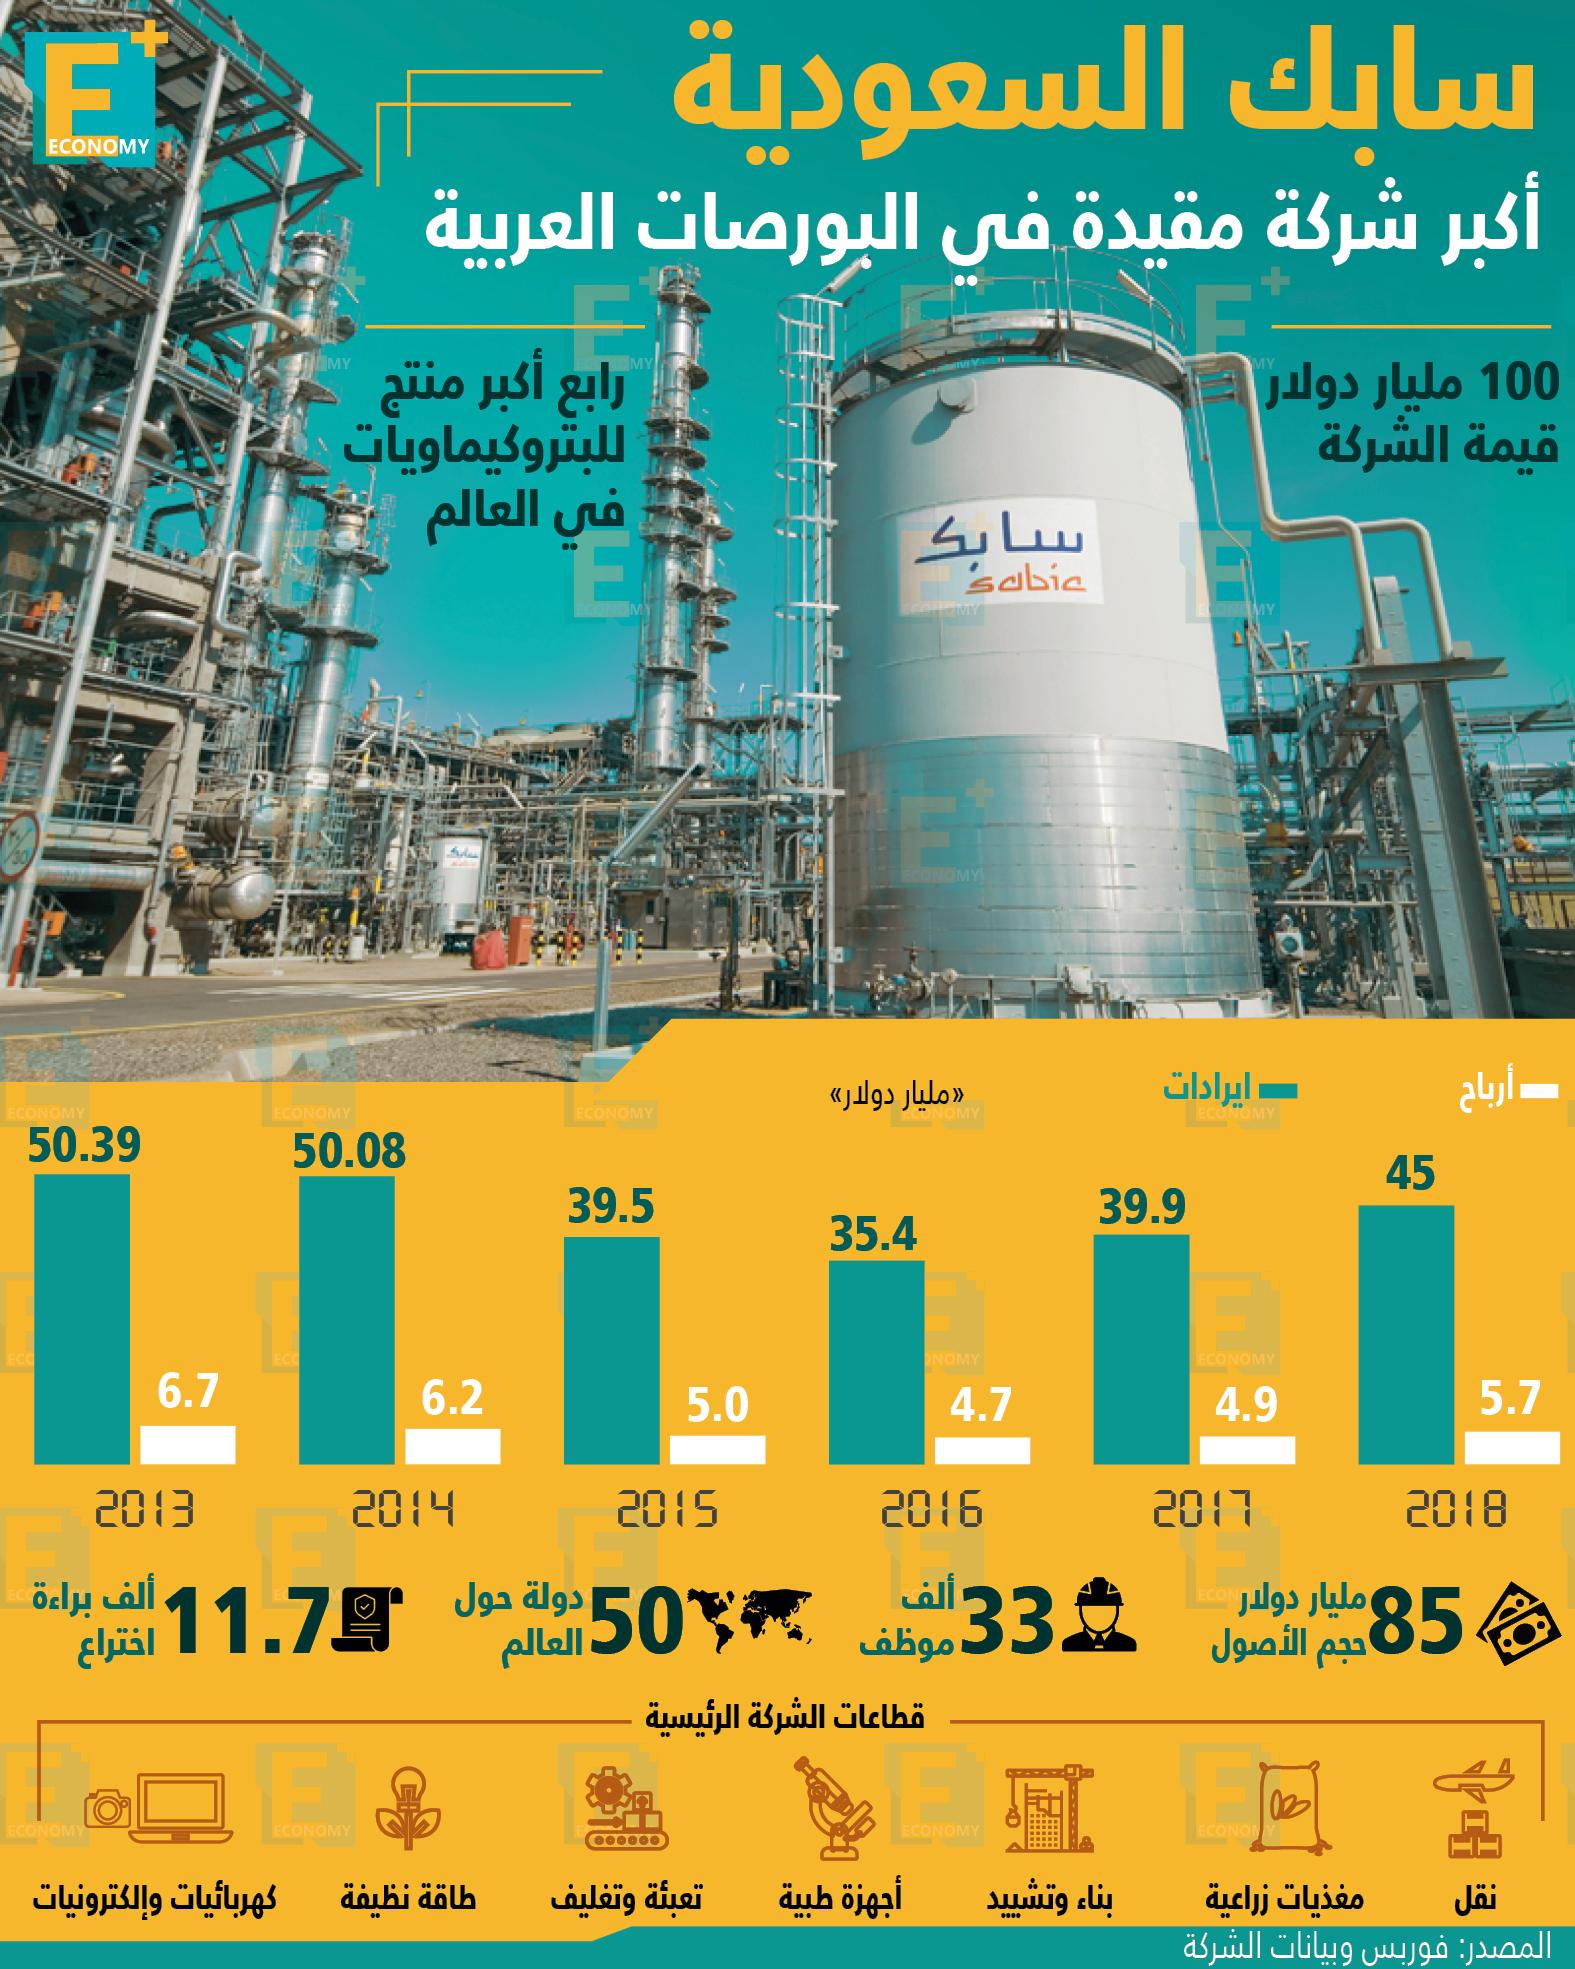 البورصة السعودية-سابك-أسهم سعودية